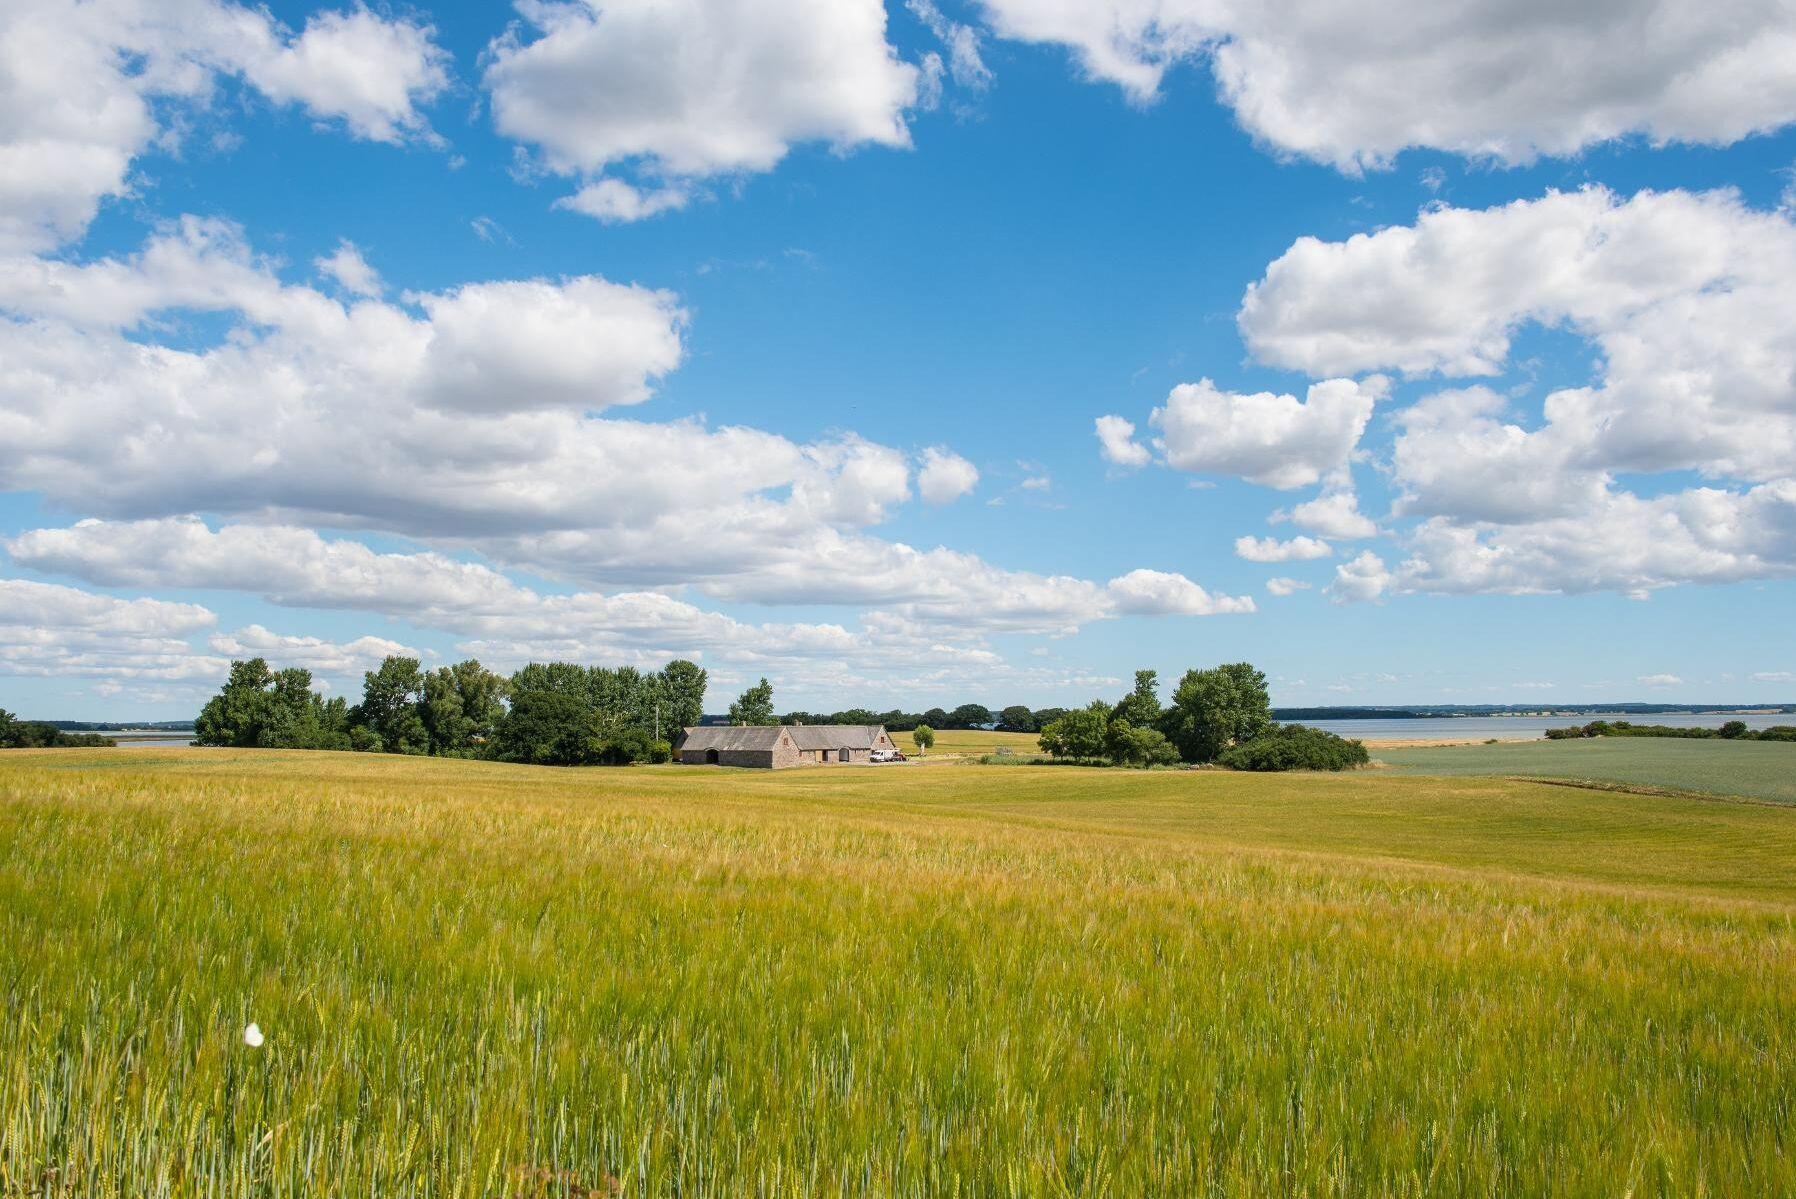 Med ett EU-stöd på 68 miljoner danska kronor ska 1945 hektar dansk jordbruksmark planteras igen med skog.